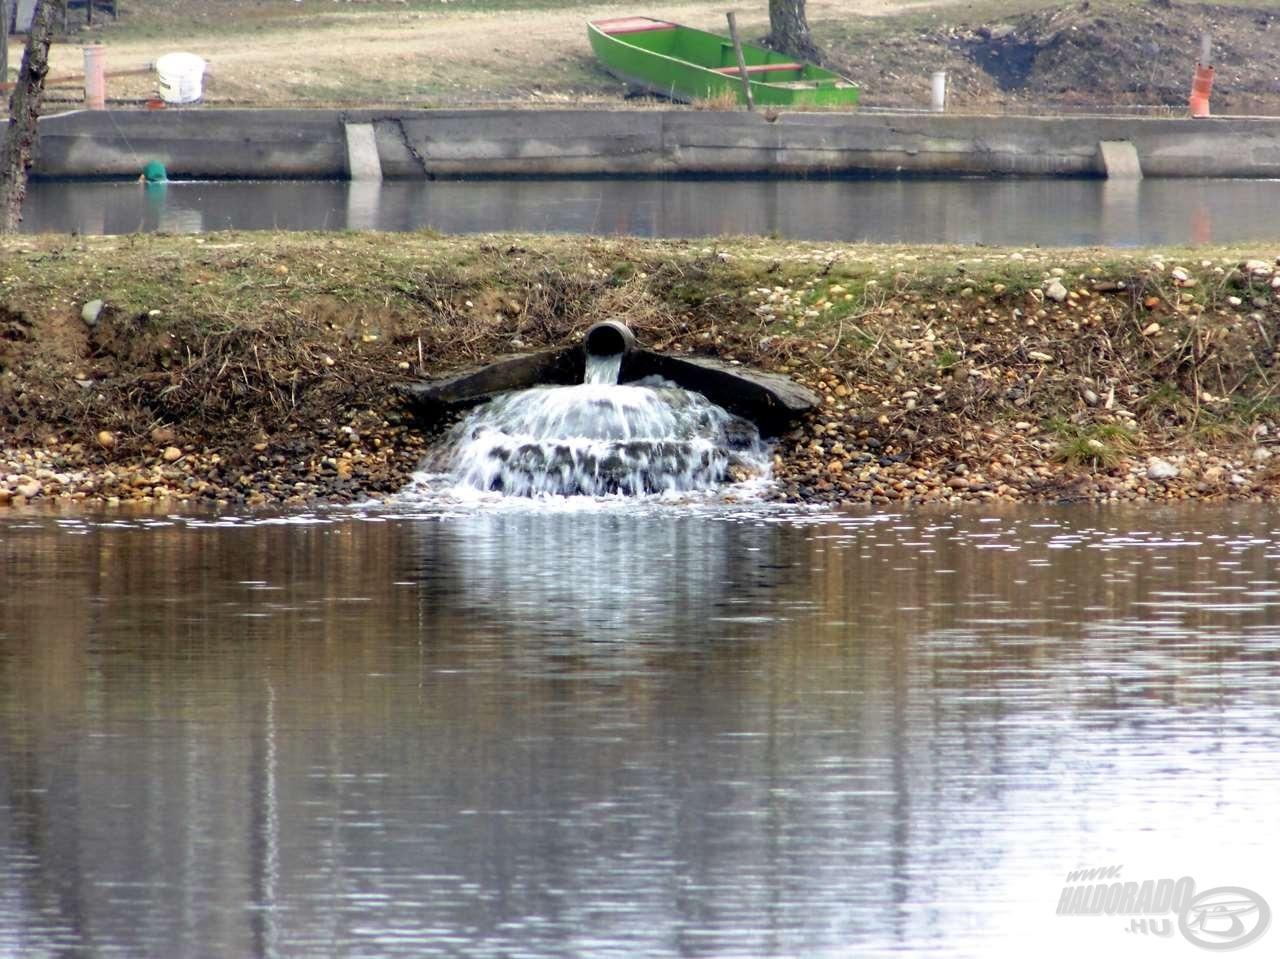 Íme, az ok, ami lehetővé tette a horgászatot. A folyamatos vízmozgás meggyorsította a jég olvadását a tó első részében